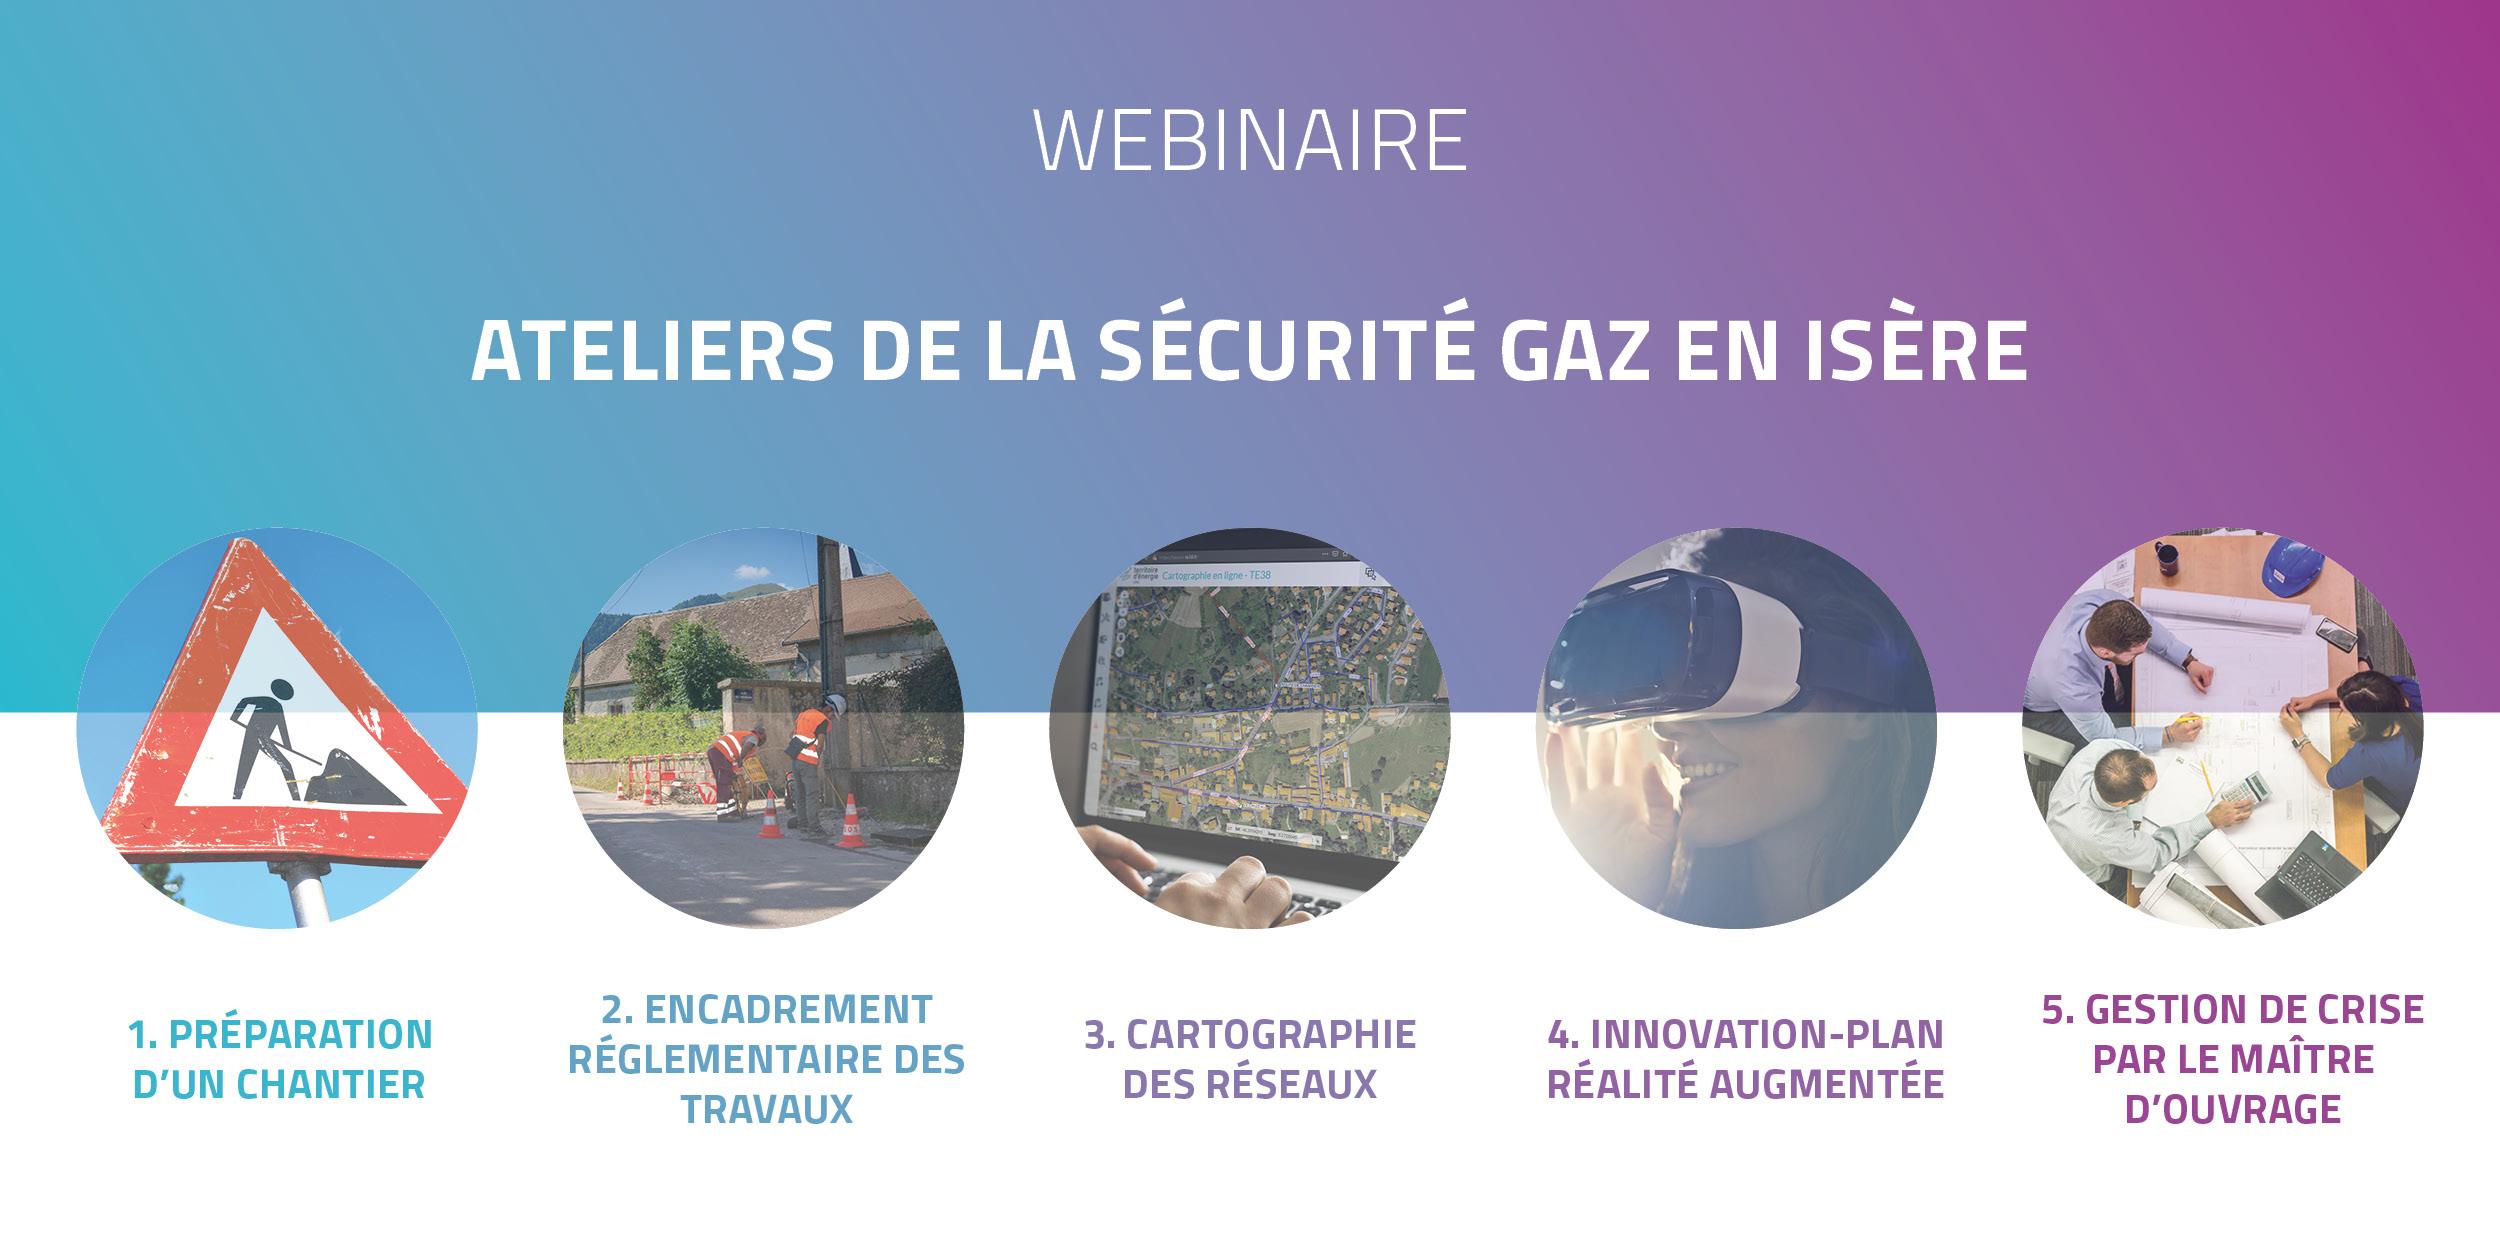 Webinaire : Ateliers de la sécurité gaz en Isère